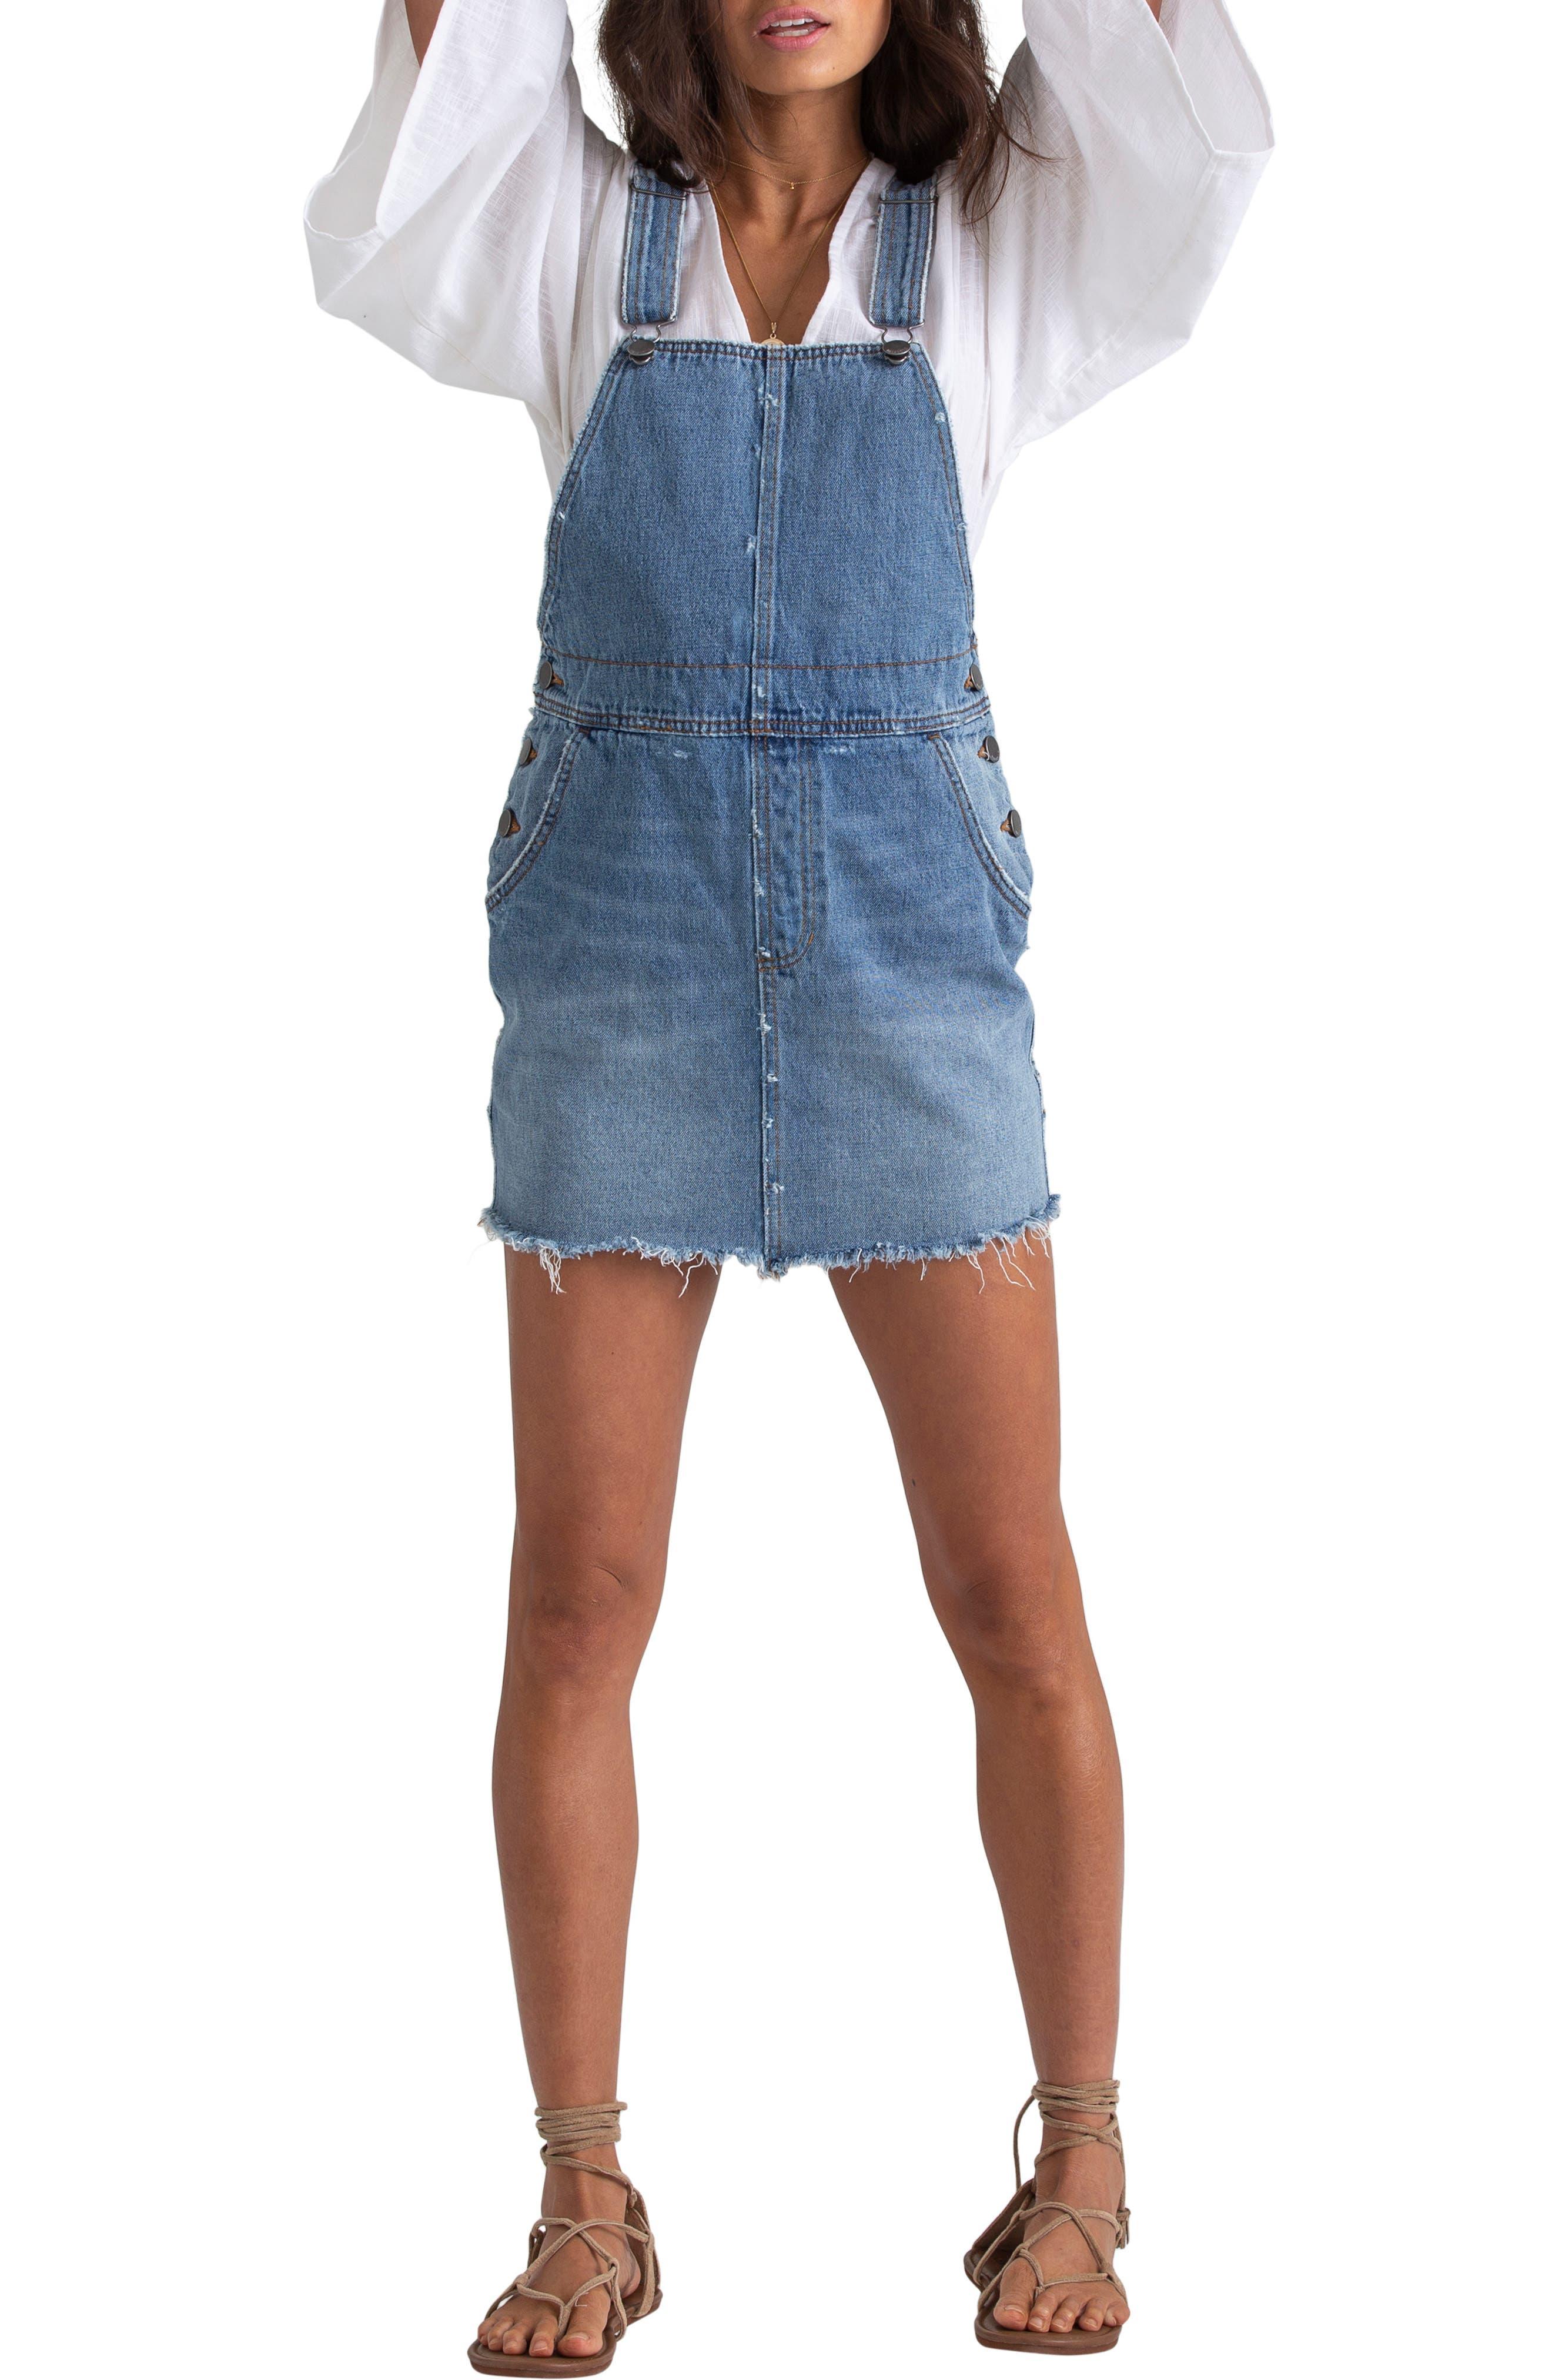 Billabong X Sincerely Jules Fade Away Denim Pinafore Dress, Blue